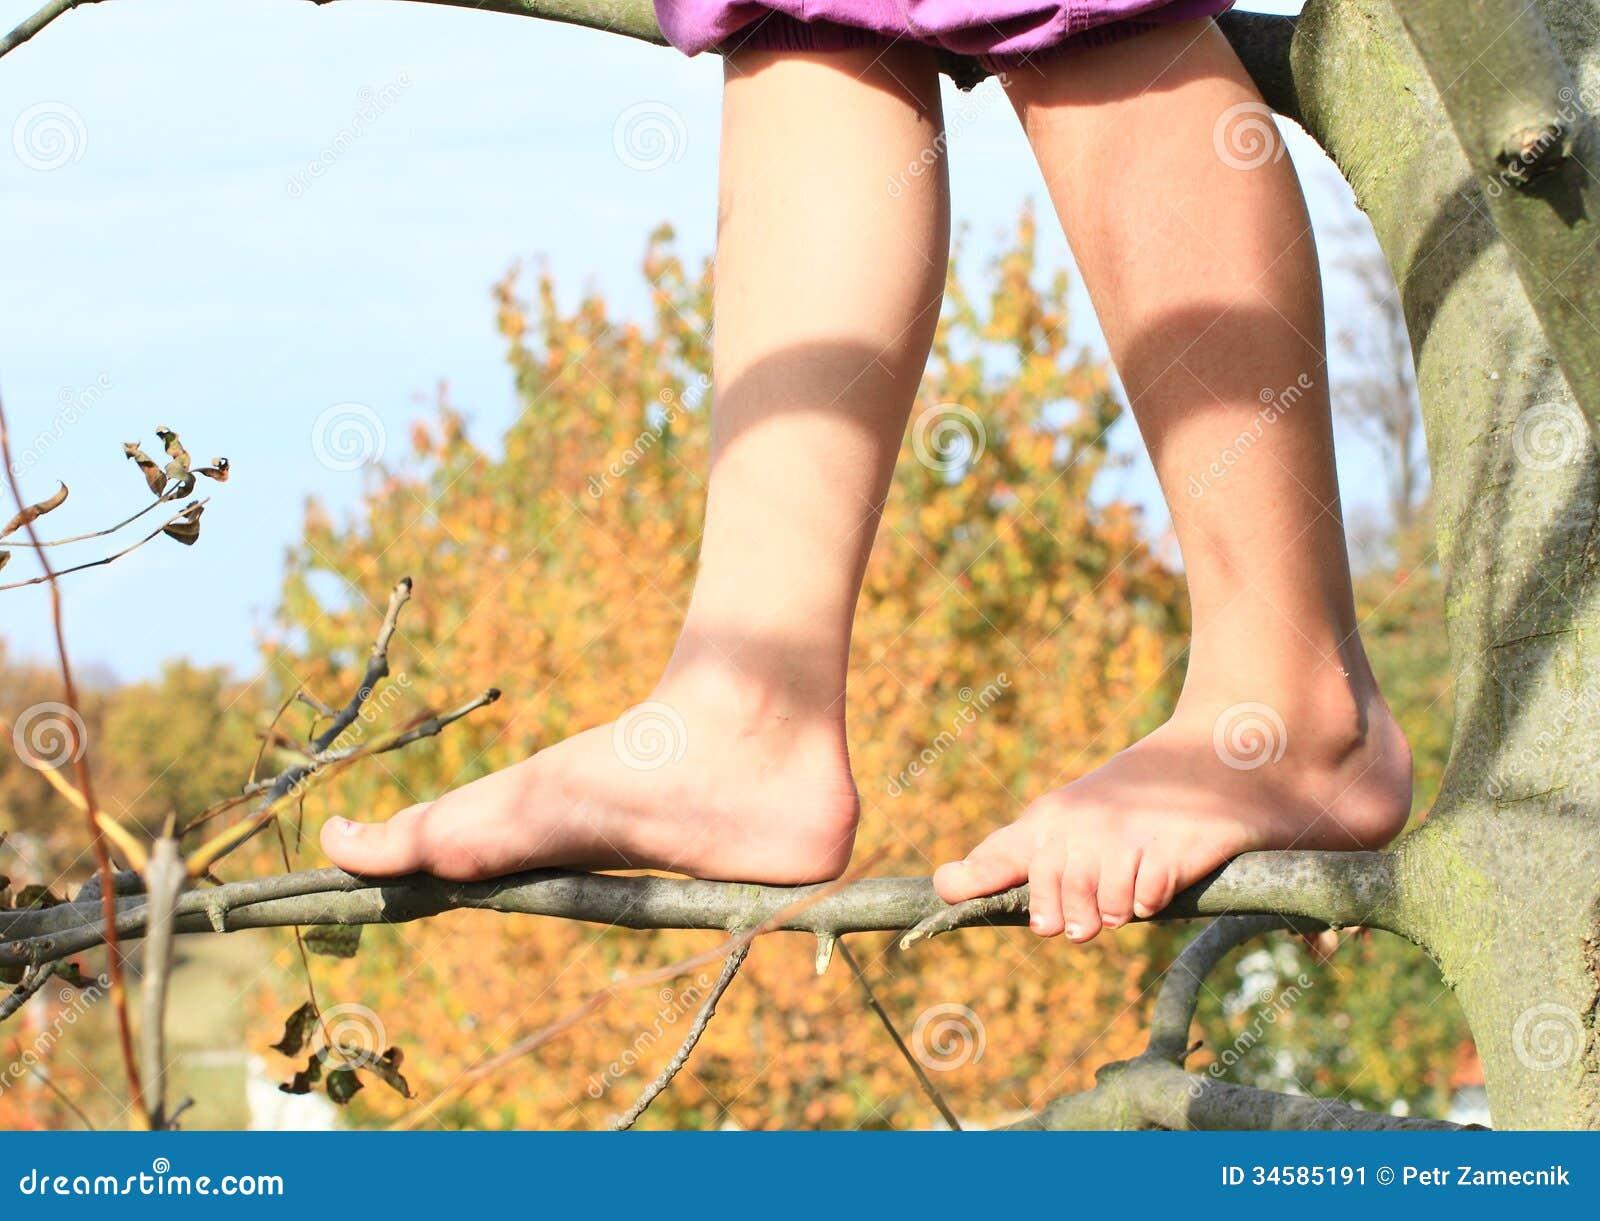 Наказание босиком женщин фото